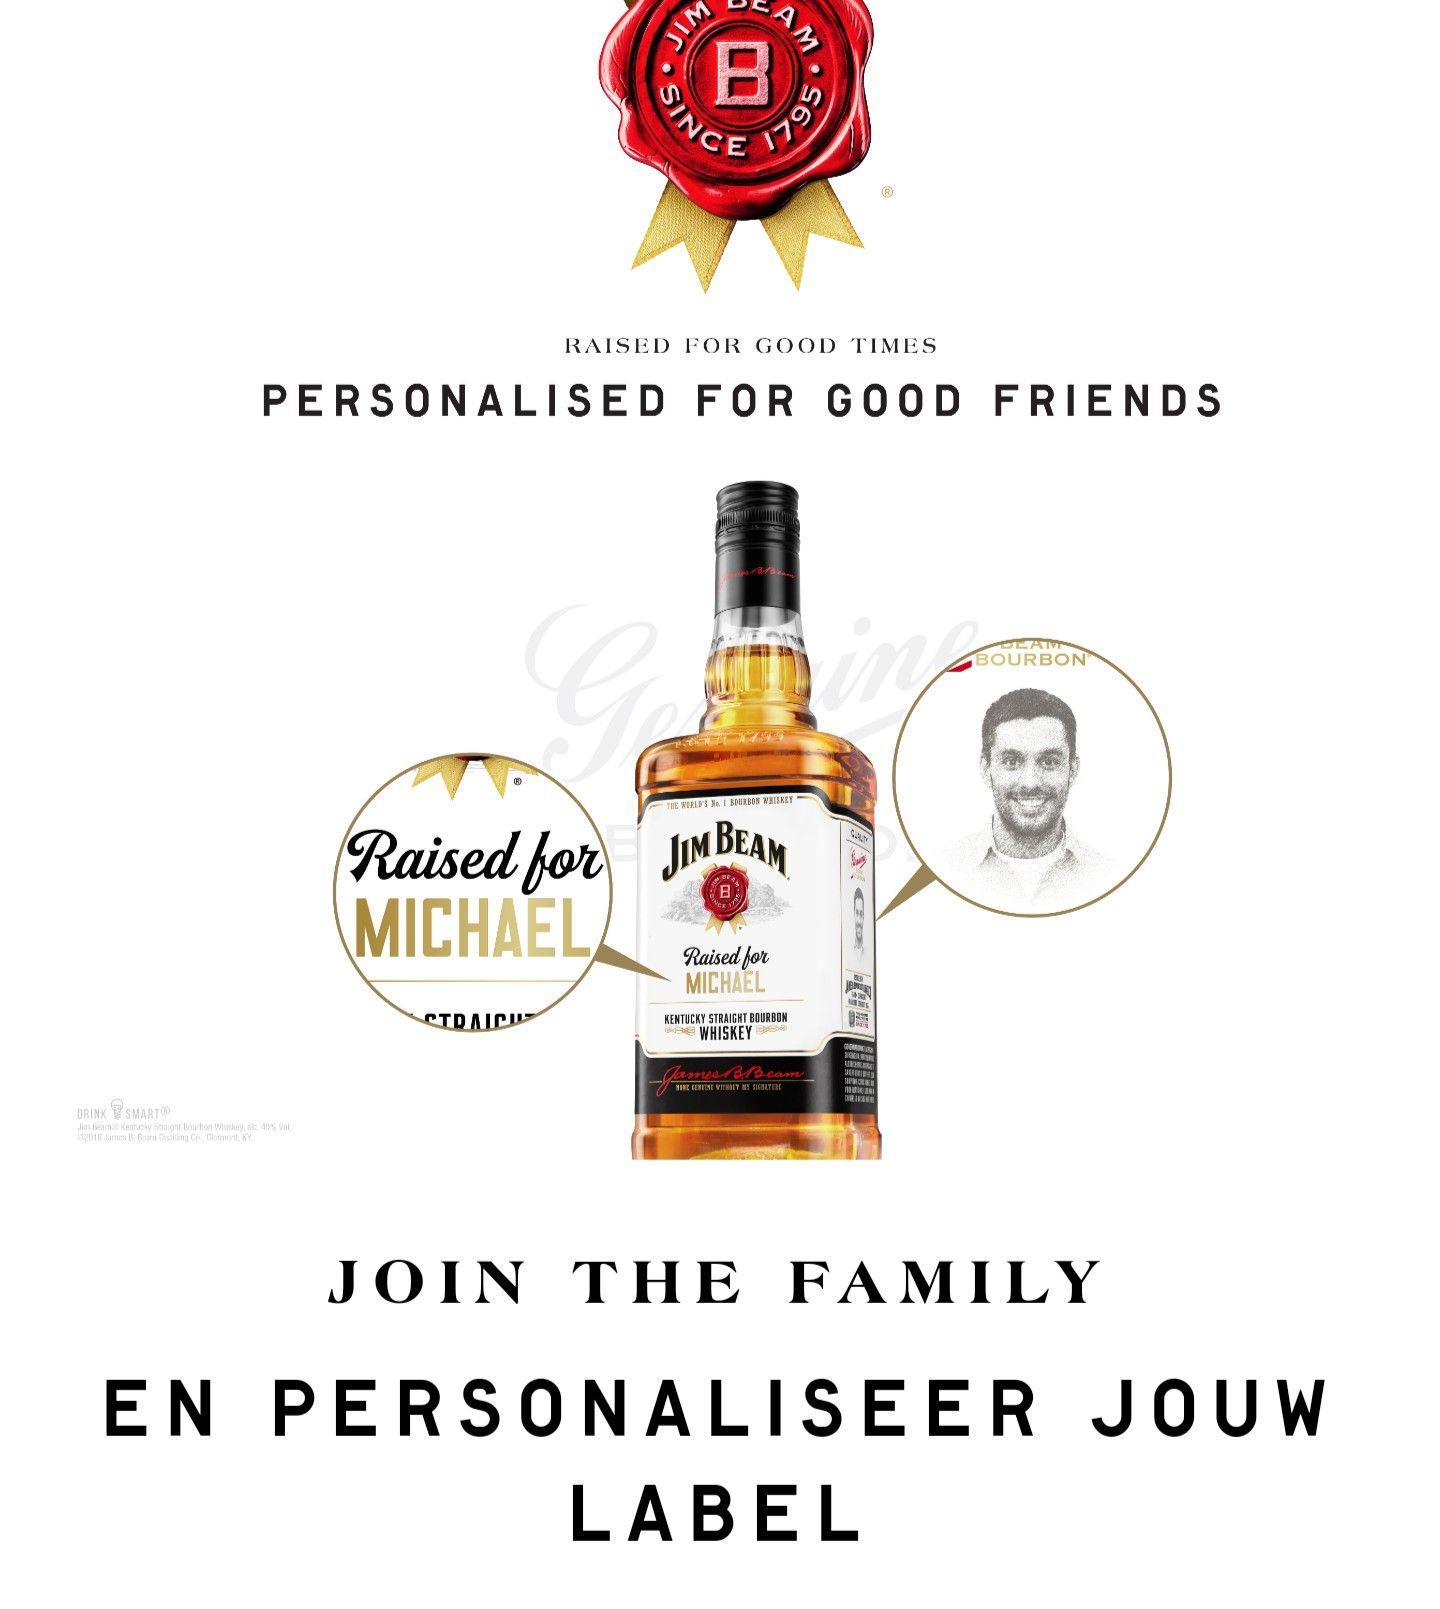 Gratis persoonlijke label voor Jim beam wiskey